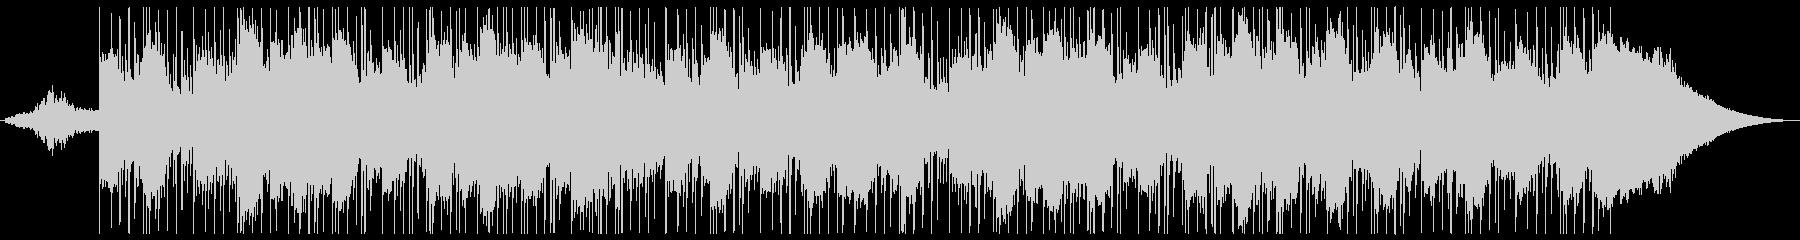 神秘的な美しいピアノバラードの未再生の波形